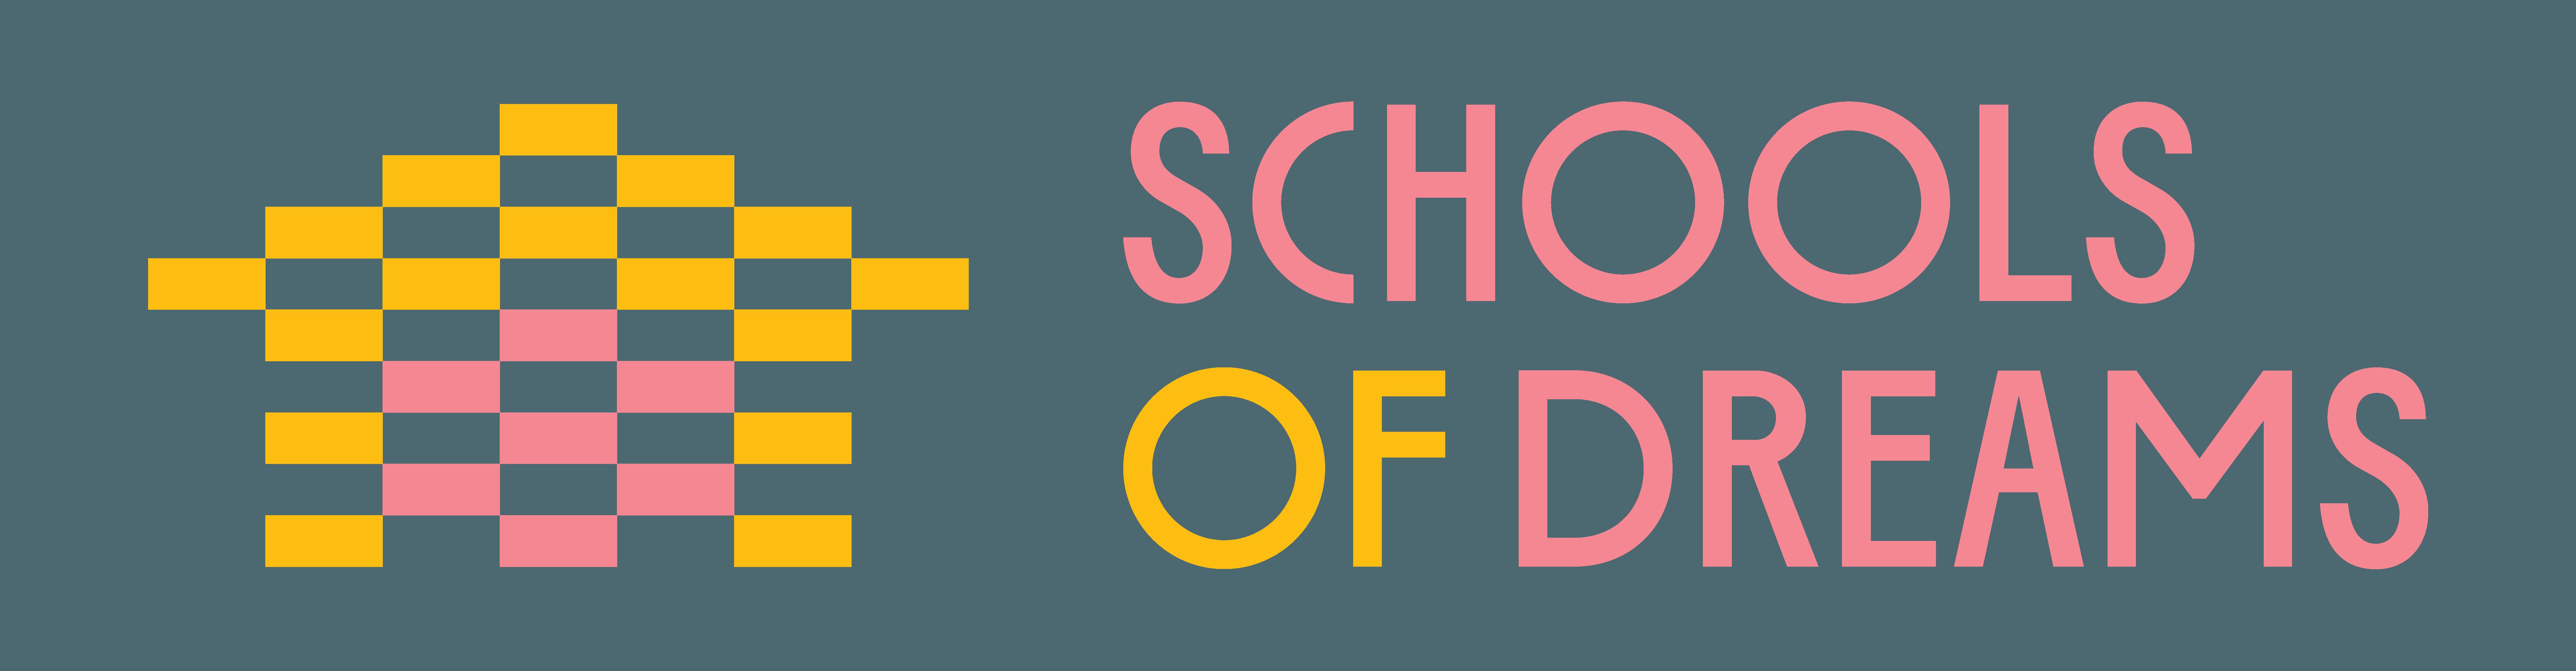 Schools Of Dreams